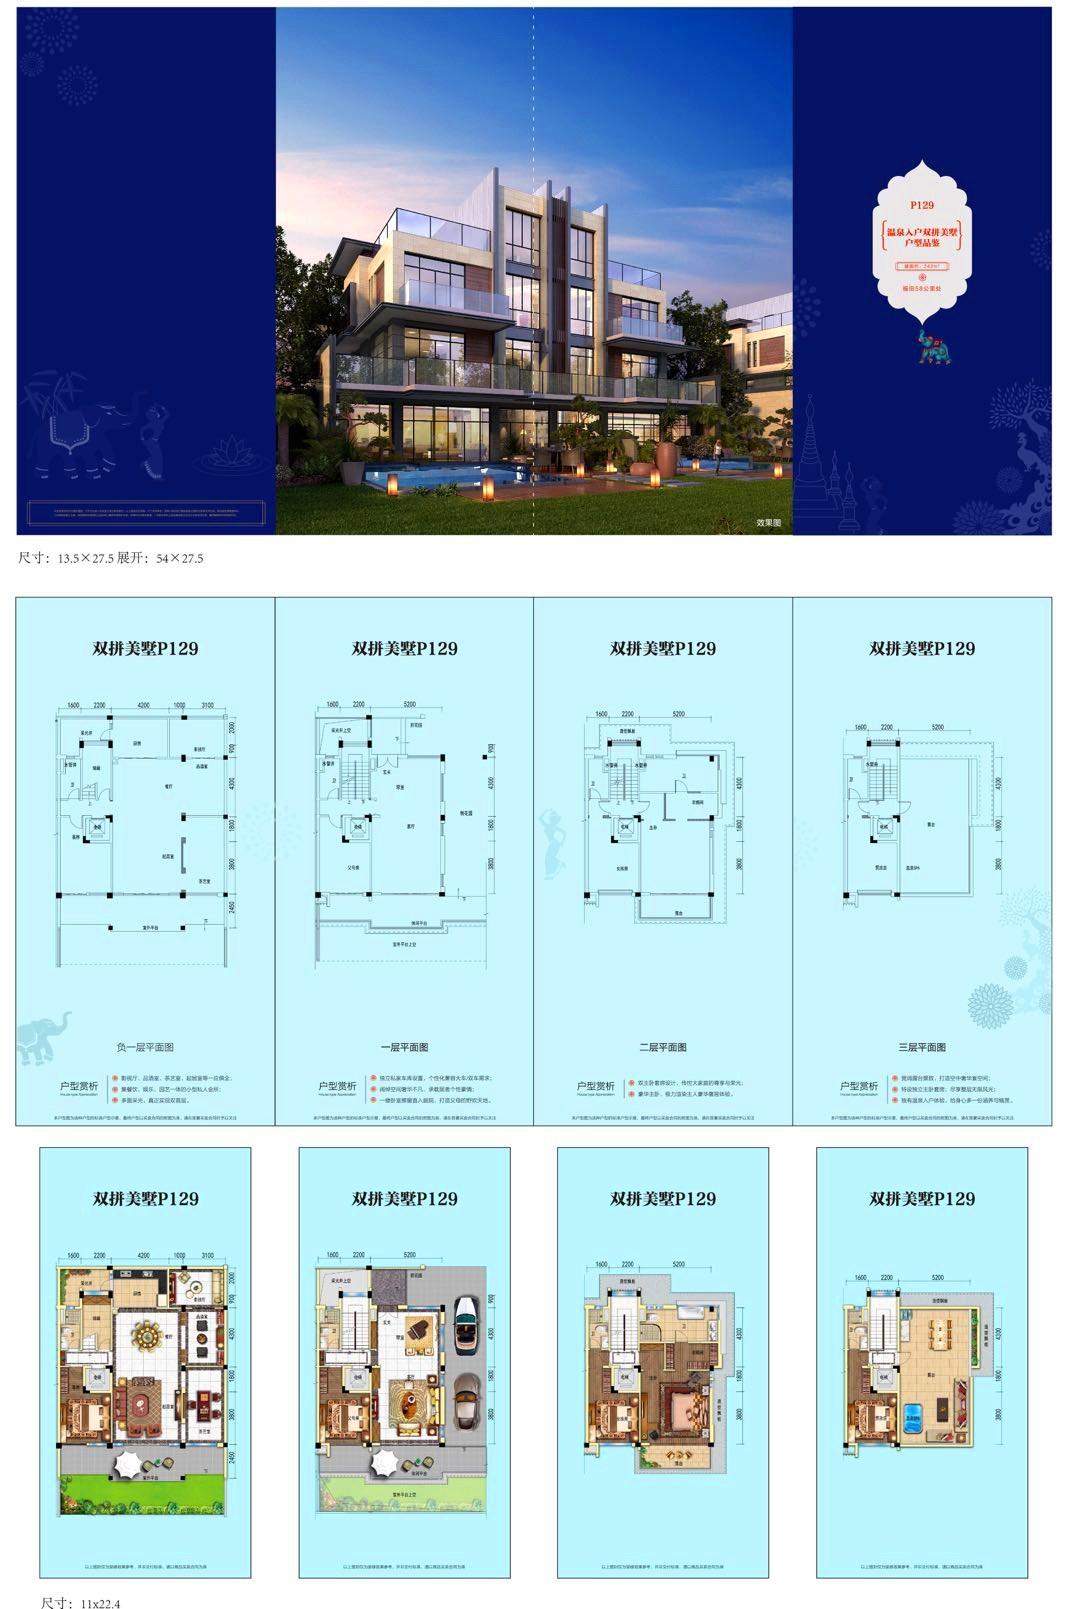 三层,除了一间卧室套房外,主要空间是楼顶平台和温泉泡池区,每个别墅